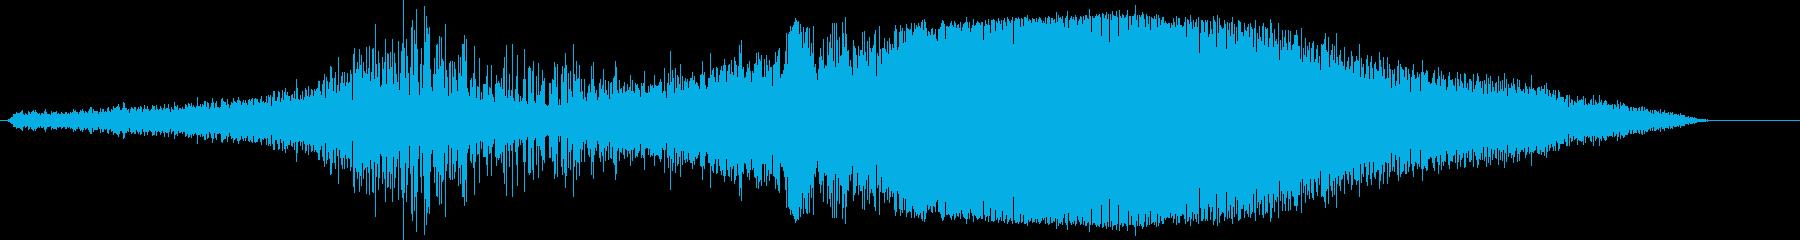 ビーチクラフト:タクシーイン/スロ...の再生済みの波形